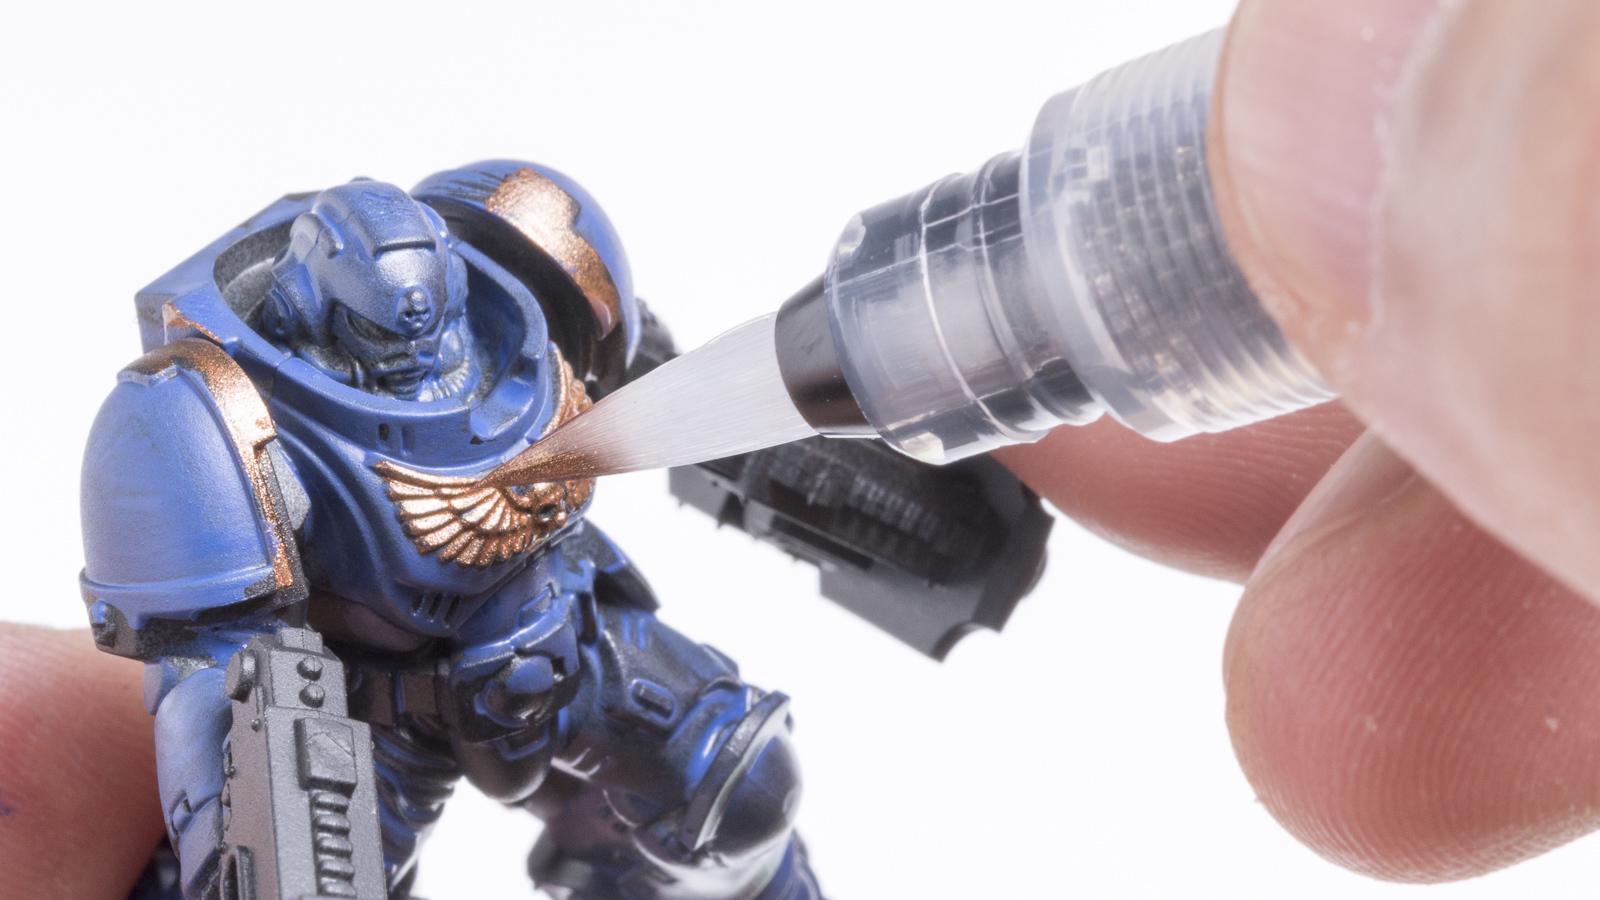 筆塗り派必見!水性塗料が爆発的に楽しくなる激便利ツールを徹底比較してみた_b0029315_23172980.jpg